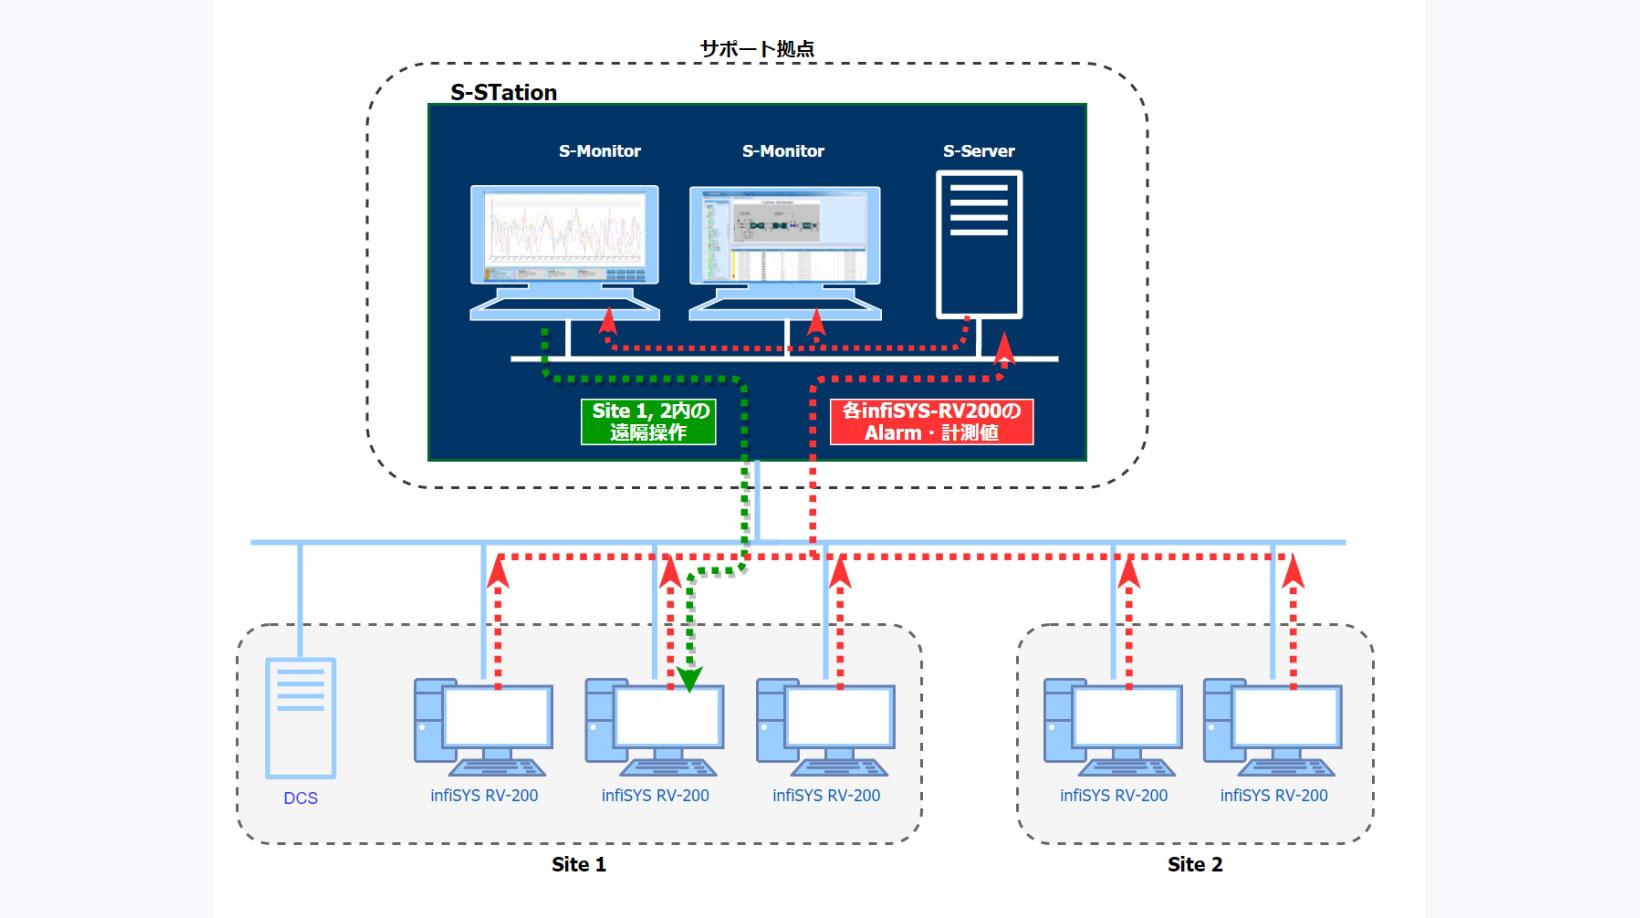 機械状態監視統合プラットフォーム S-STation